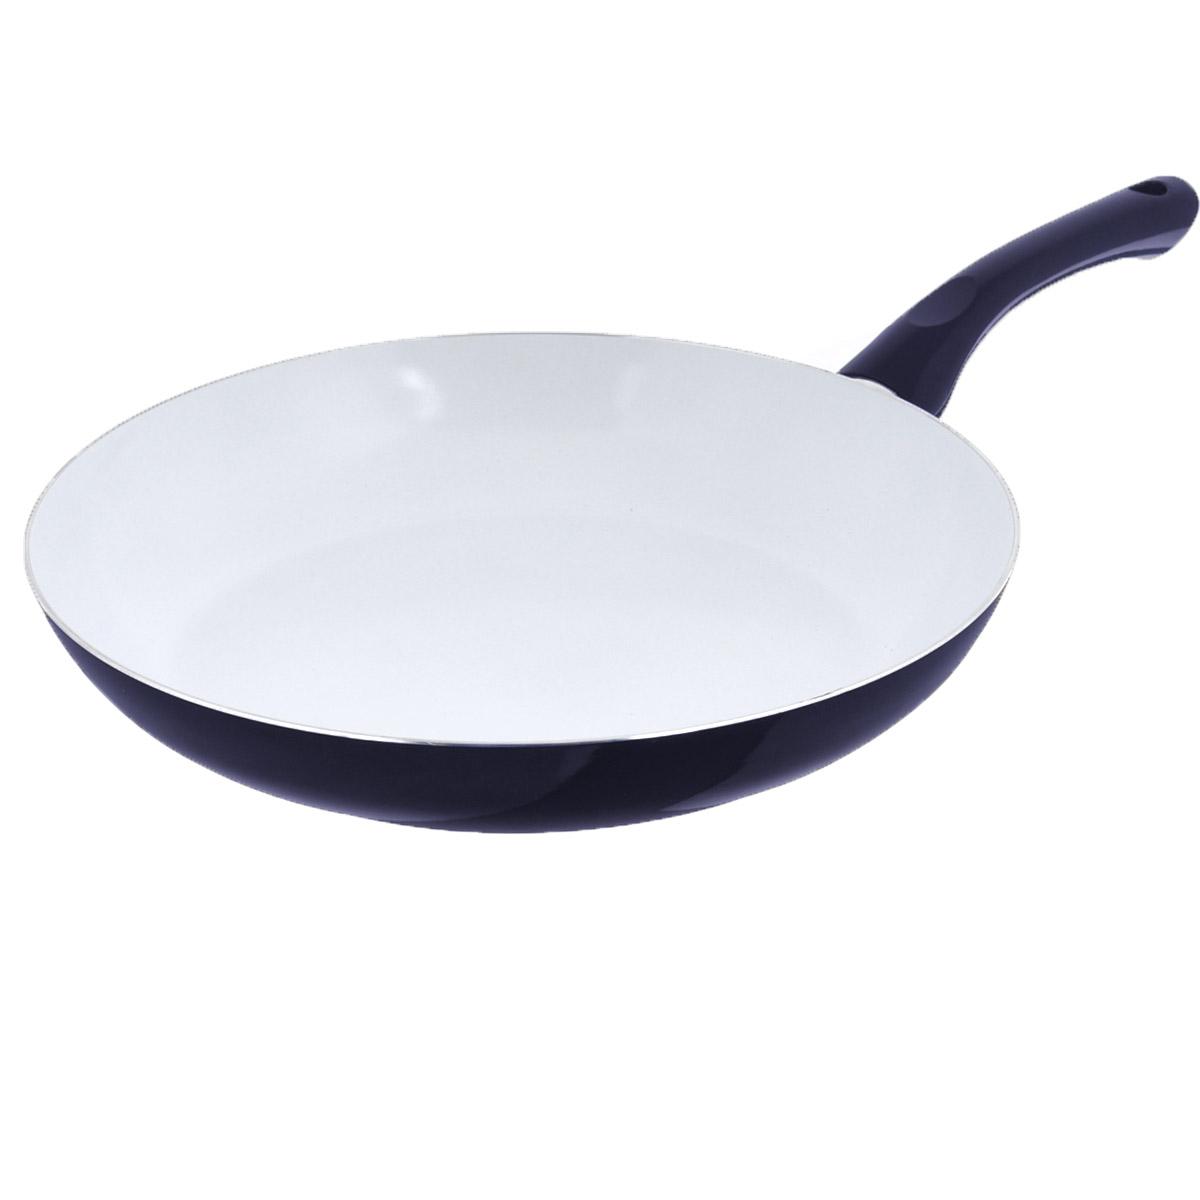 Сковорода Bekker, с антипригарным покрытием, цвет: темно-синий. Диаметр 30 см. BK-3705BK-3705Сковорода Bekker изготовлена из алюминия с внутренним антипригарным керамическим покрытием. Благодаря этому пища не пригорает и не прилипает к стенкам. Готовить можно с минимальным количеством масла и жиров. Гладкая поверхность обеспечивает легкость ухода за посудой. Внешнее покрытие - цветной жаростойкий лак. Изделие оснащено удобной бакелитовой ручкой, которая не нагревается в процессе готовки. Сковорода подходит для использования на всех типах кухонных плит, кроме индукционных, а также ее можно мыть в посудомоечной машине.